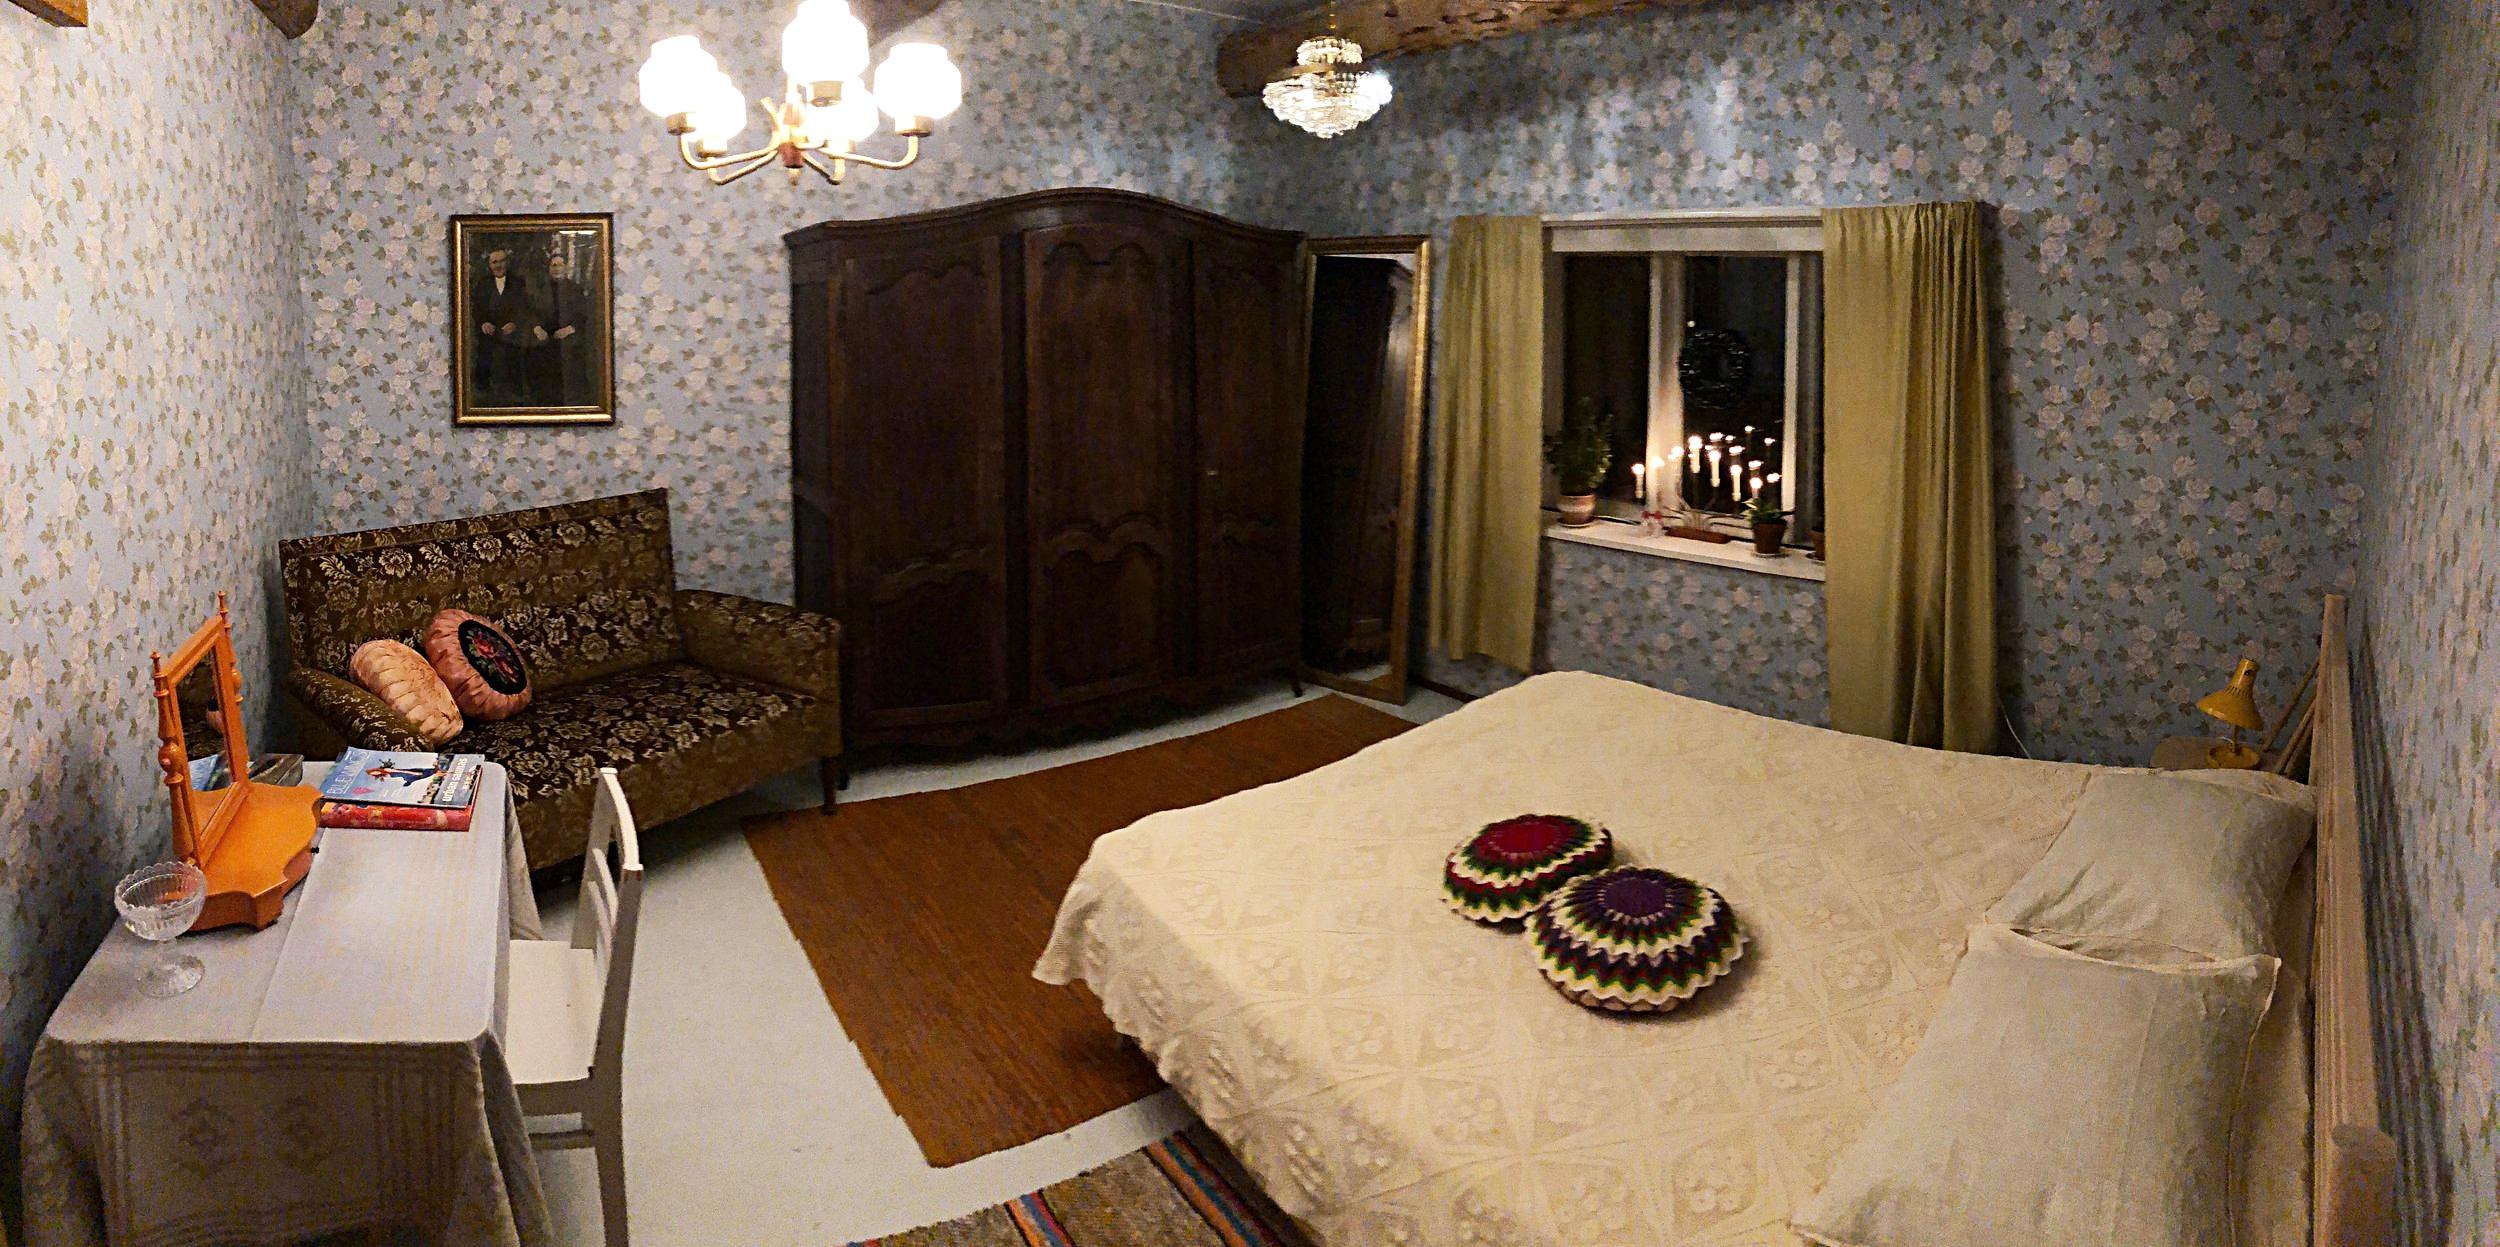 豪华间二人房--宽敞,舒适,莫名的温暖